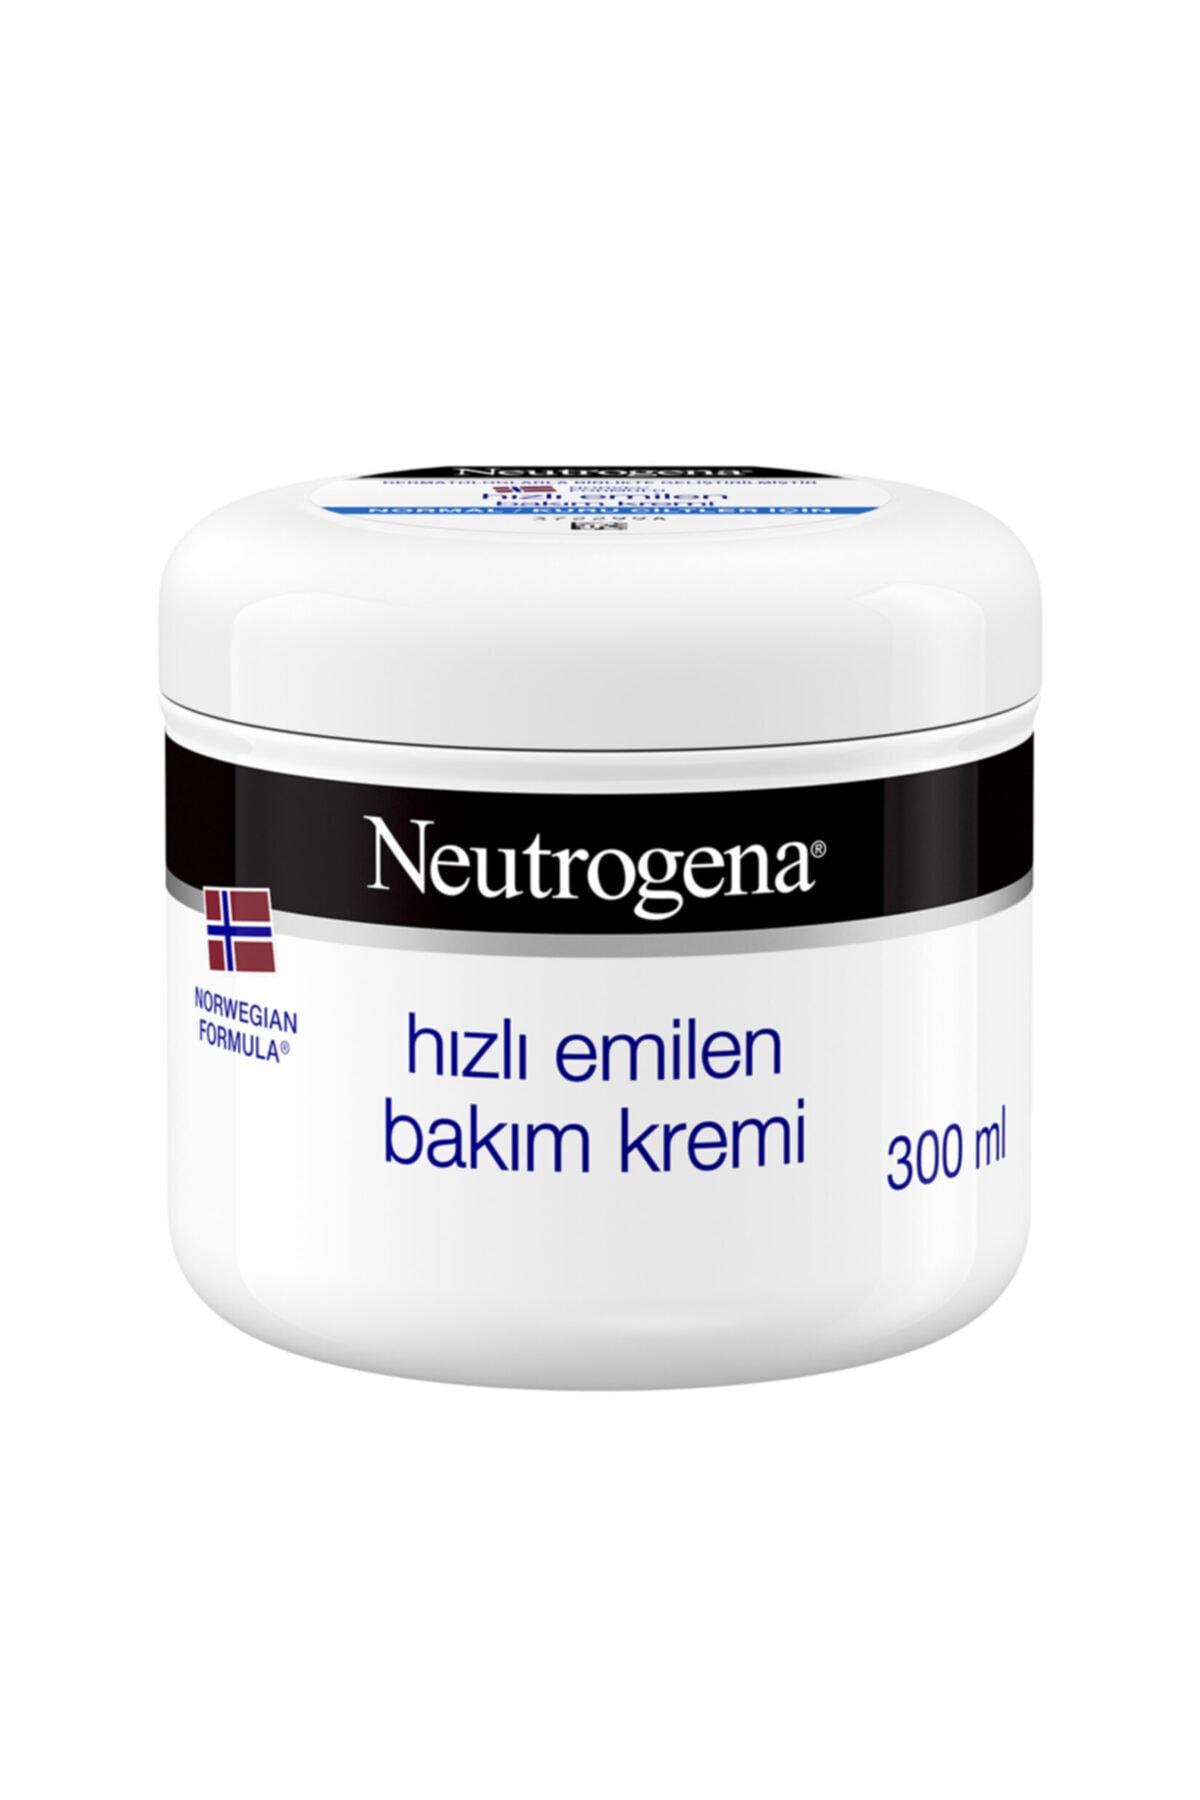 Neutrogena Hızlı Emilen Bakım Kremi 300 ml 1